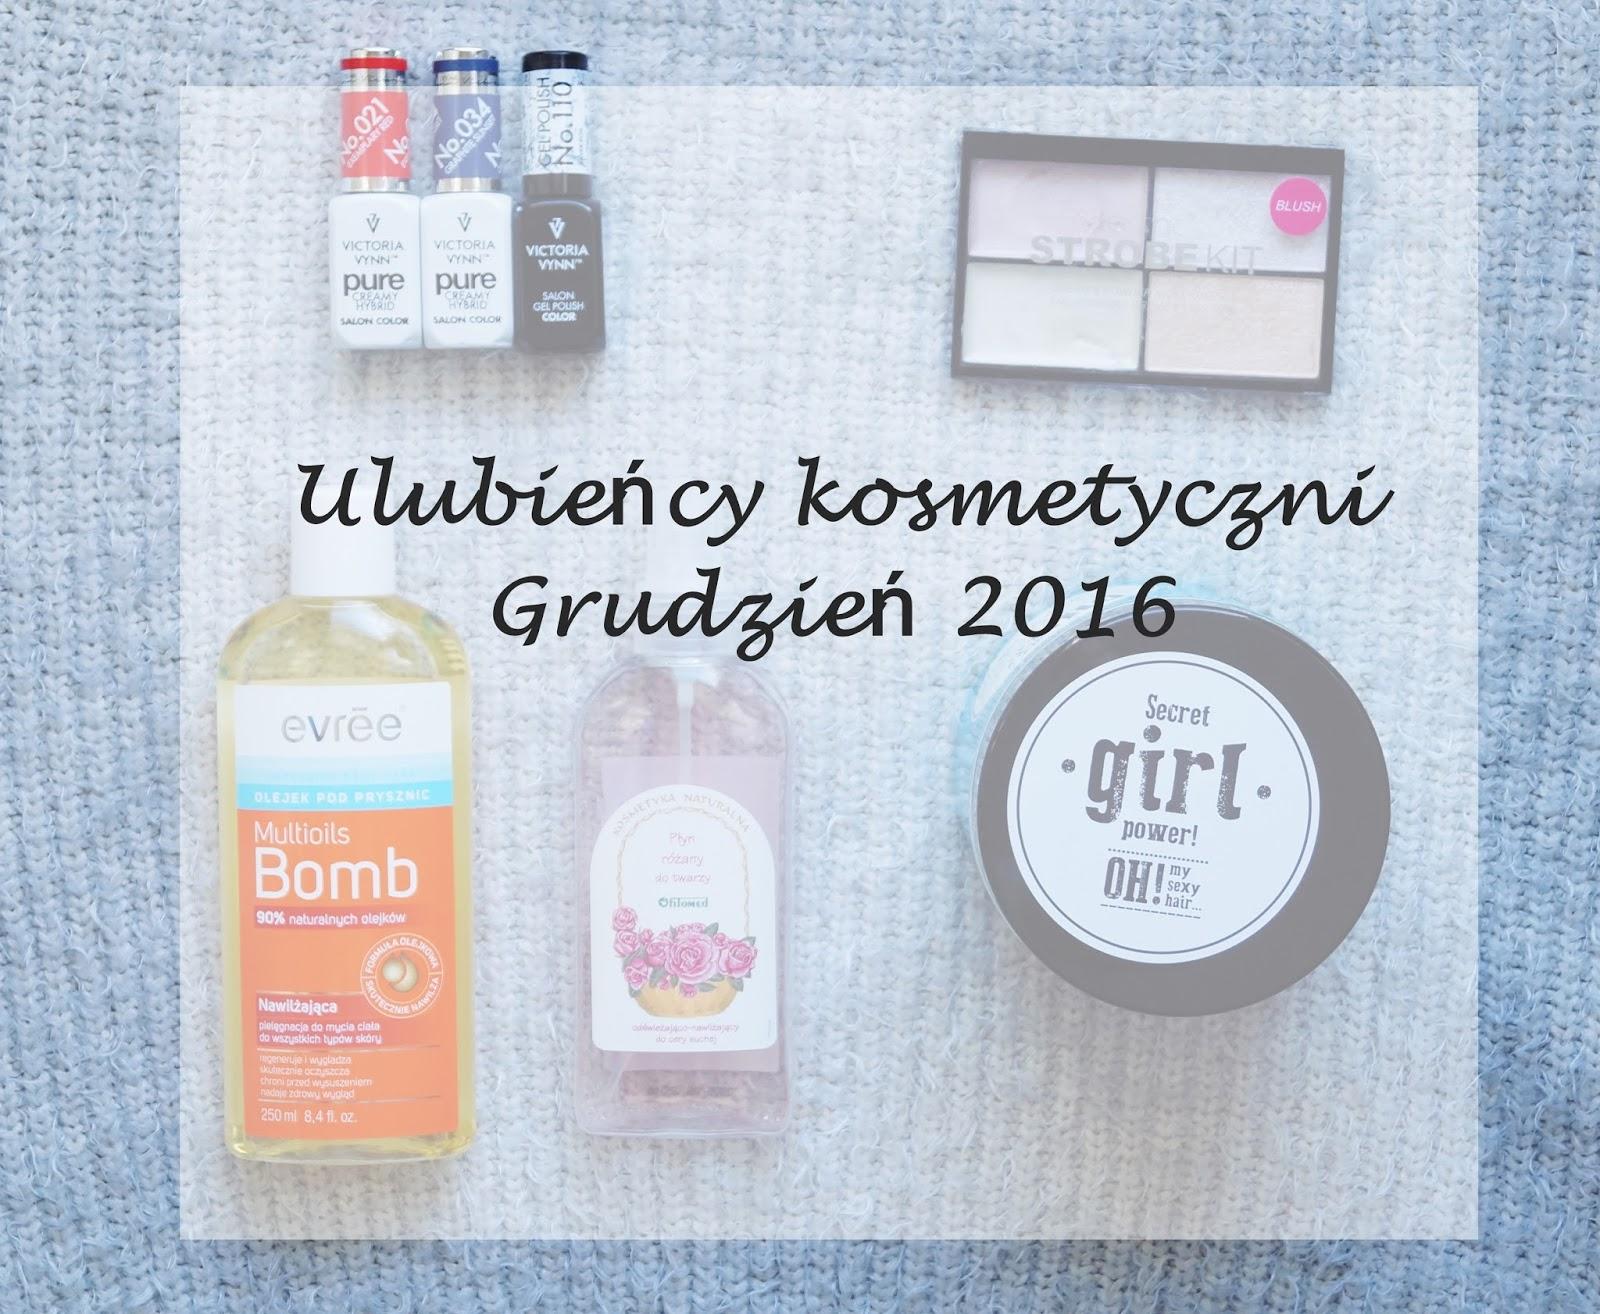 Ulubieńcy kosmetyczni - Grudzień 2016